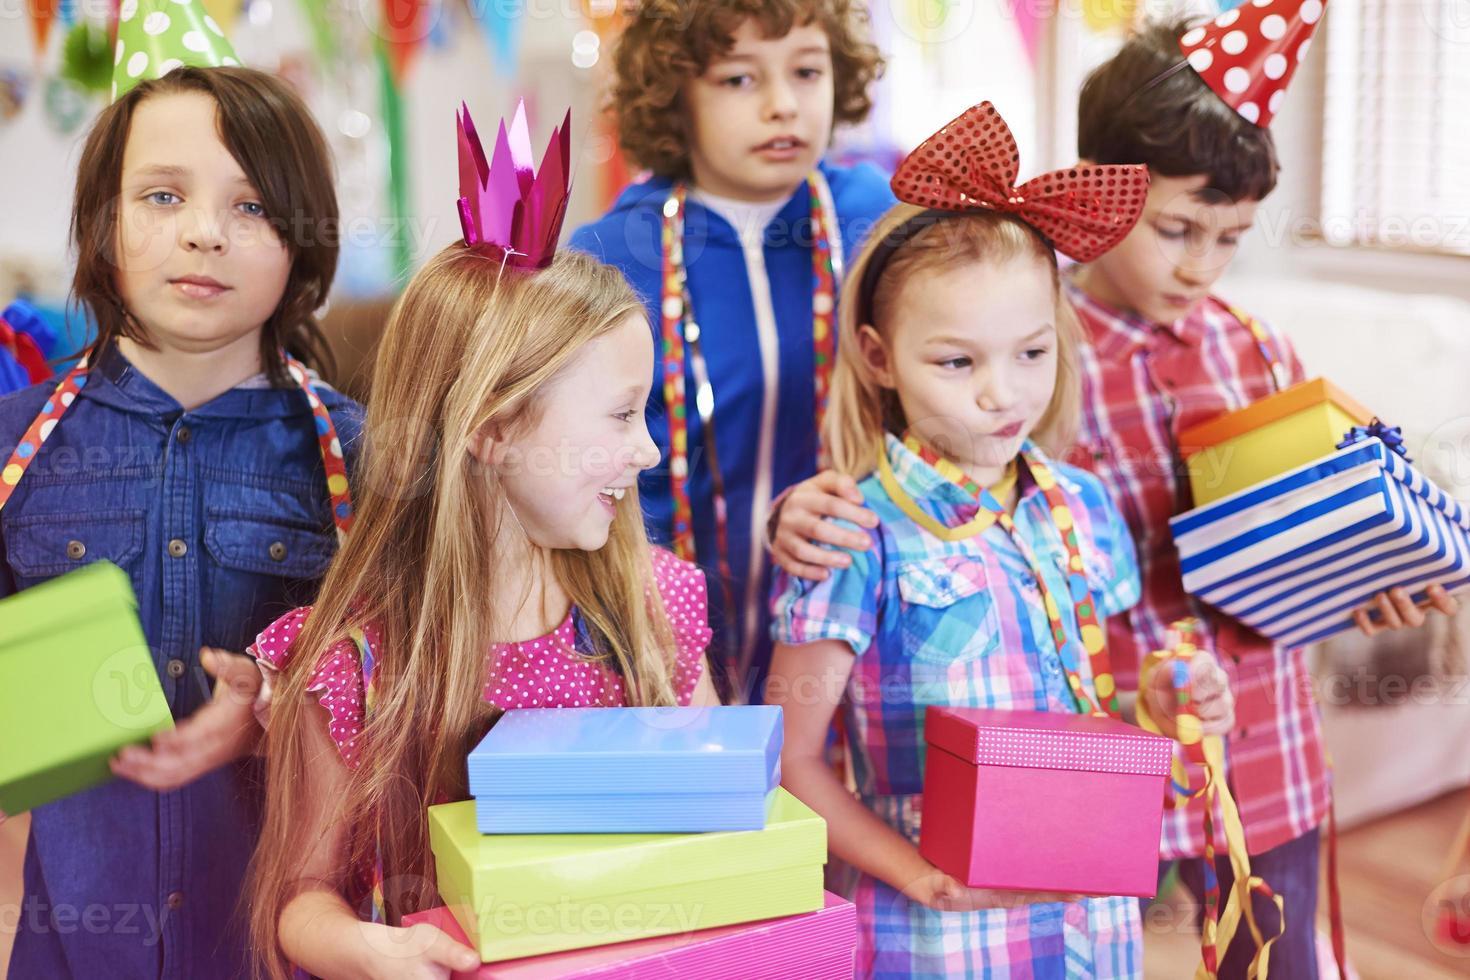 Genießen Sie die Geburtstagsgeschenke von Freunden foto